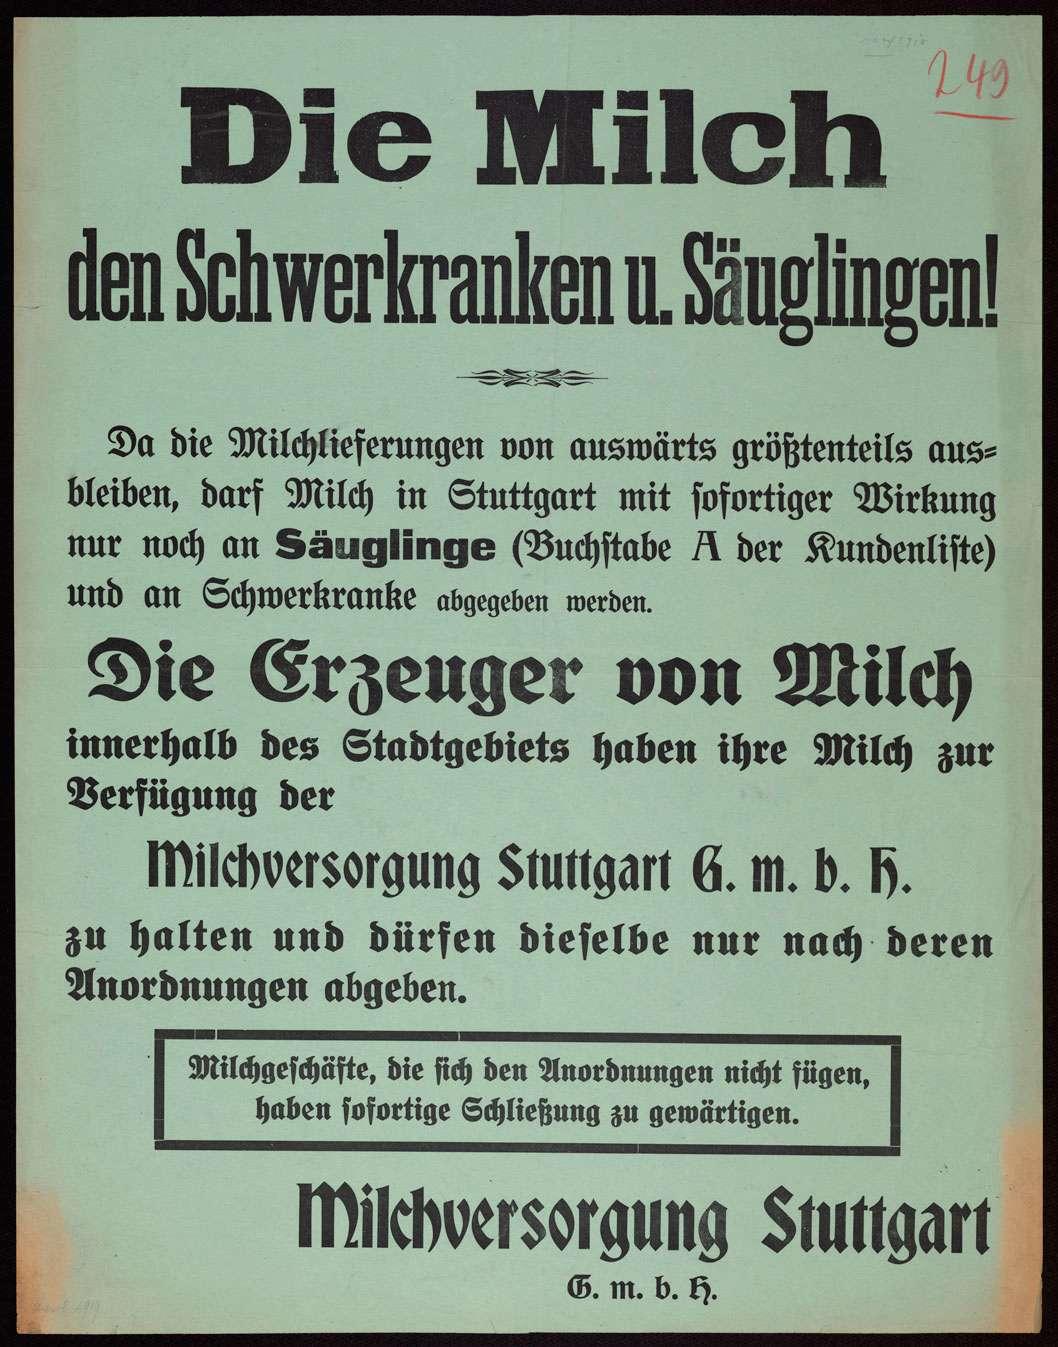 """""""Die Milch den Schwerkranken und Säuglingen!"""" Verfügung der Milchversorgung Stuttgart G.m.b.H. an alle Stuttgarter Milchgeschäfte, Milch nur an Säuglinge und Schwerkranke abzugeben, Bild 1"""